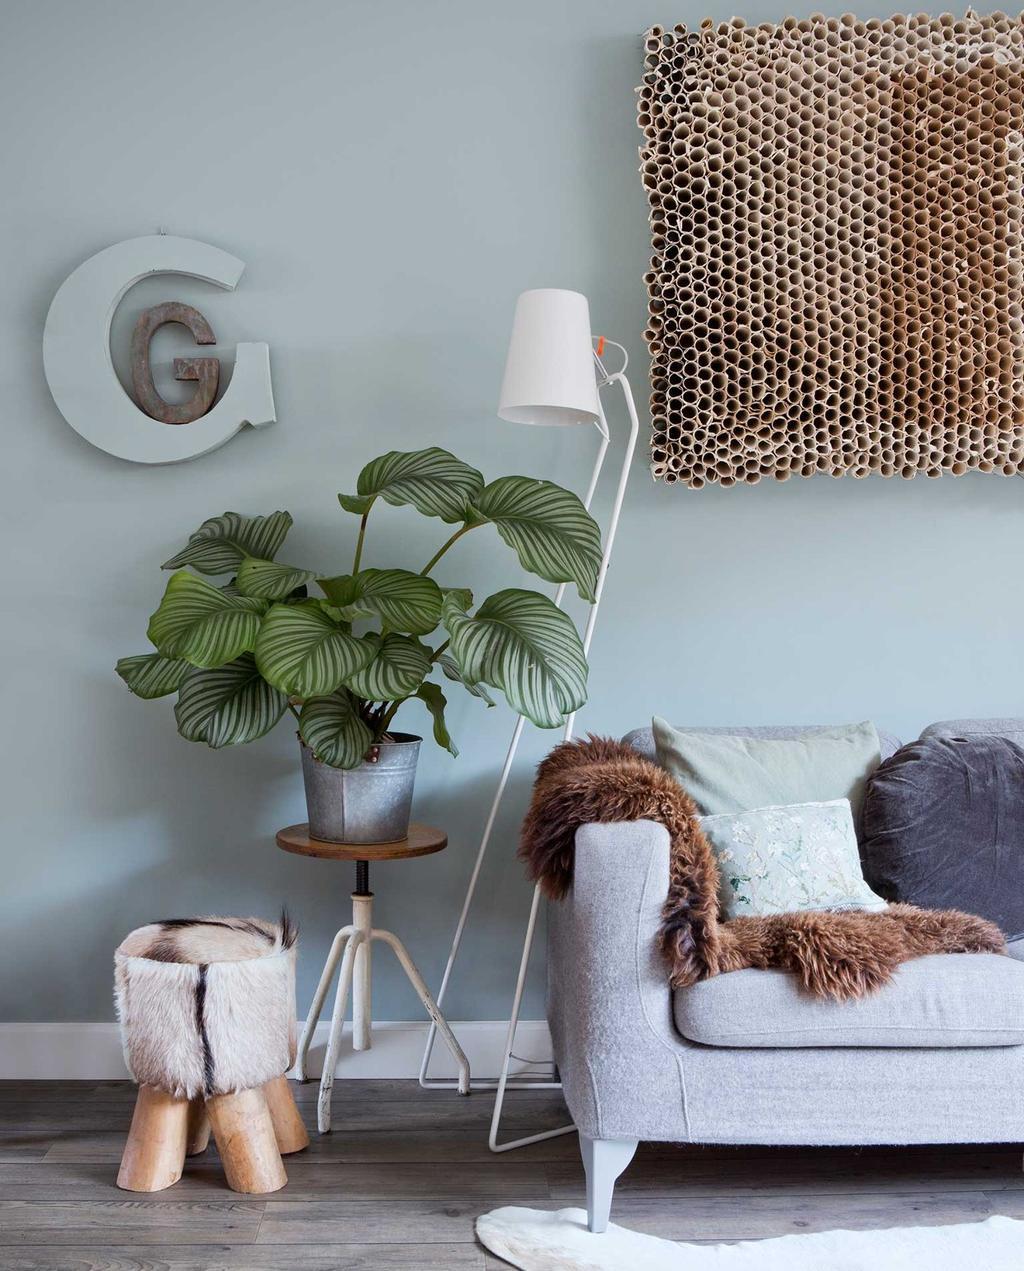 woonkamer | blauw | lichtblauw | kamerplant | calathea | wandkleed | kleur van het jaar